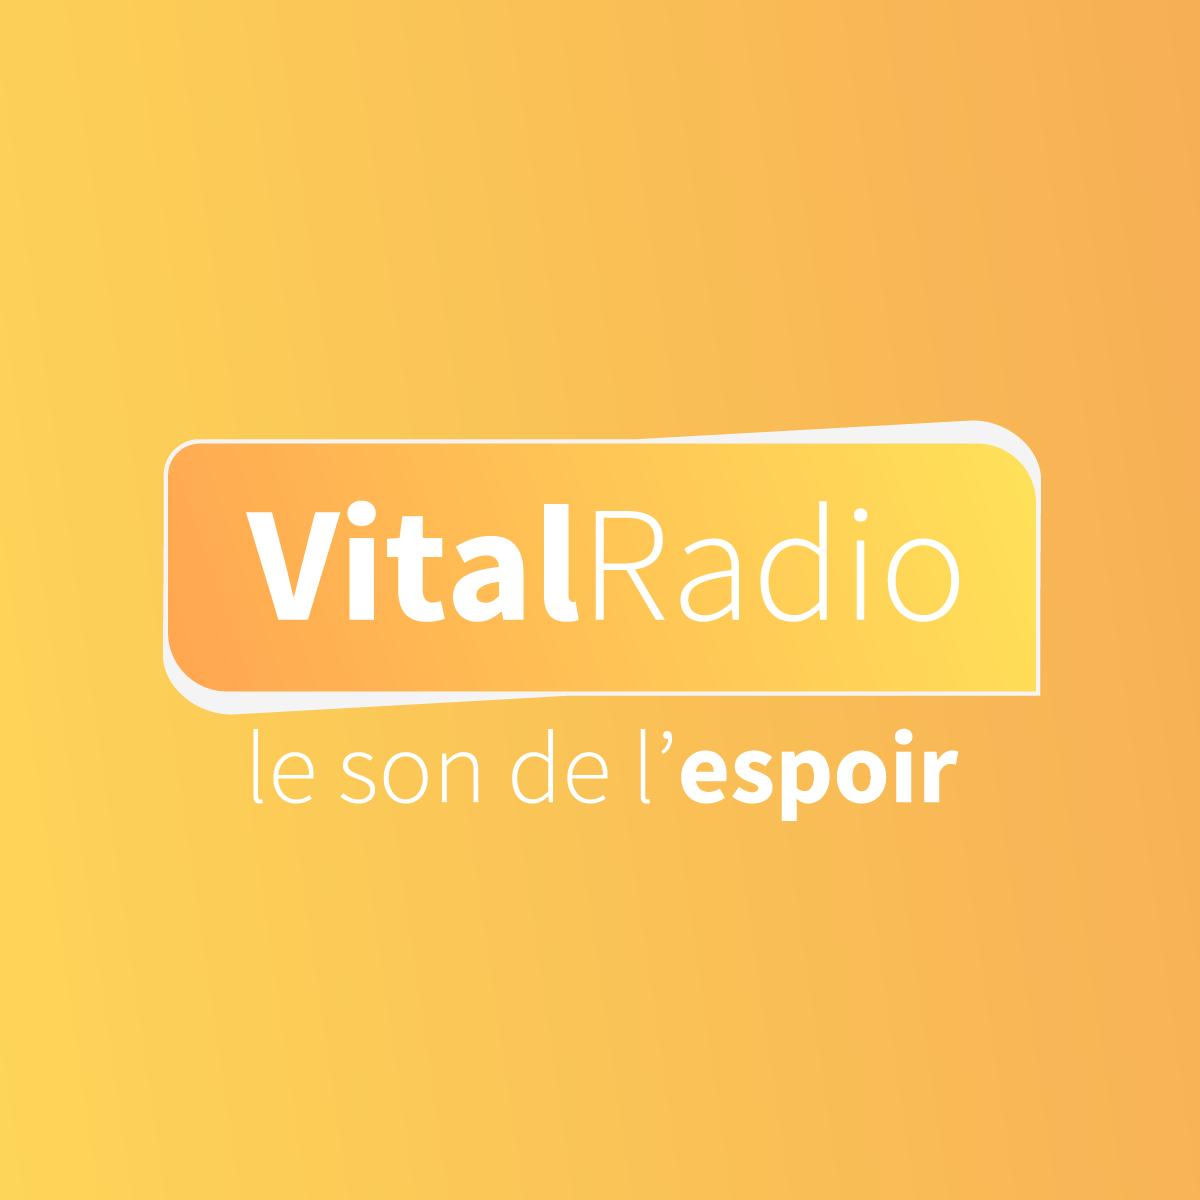 Association - Vital Radio